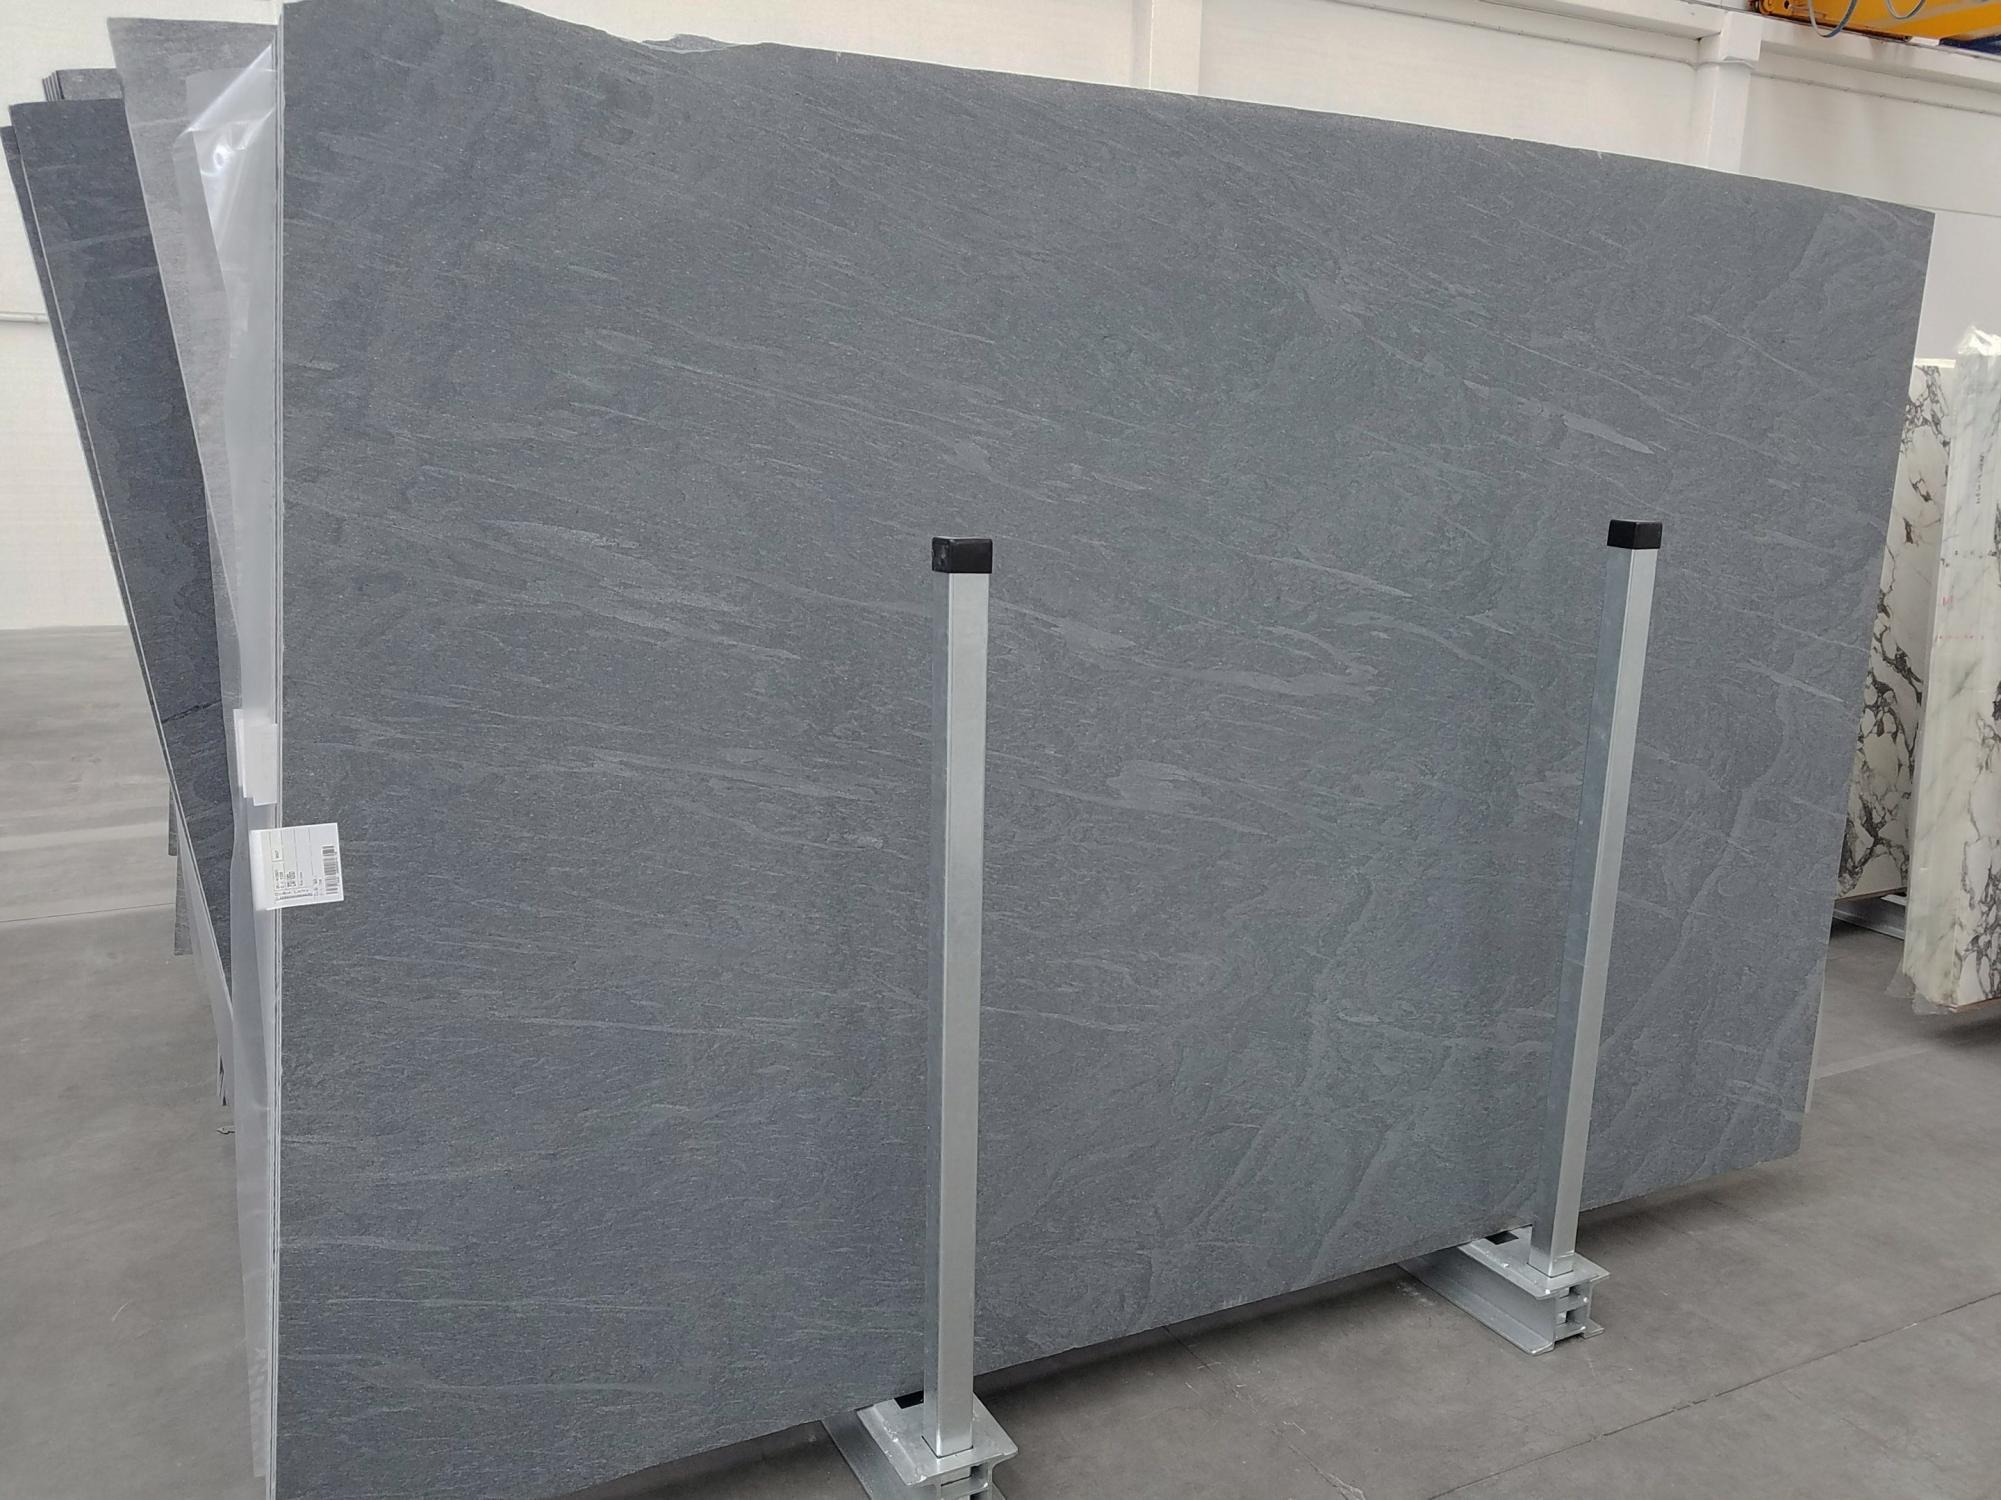 PIETRA DI CARDOSO geschliffene Unmaßplatten 1338 aus Natur Kalkstein , SL2CM: Lieferung Veneto, Italien